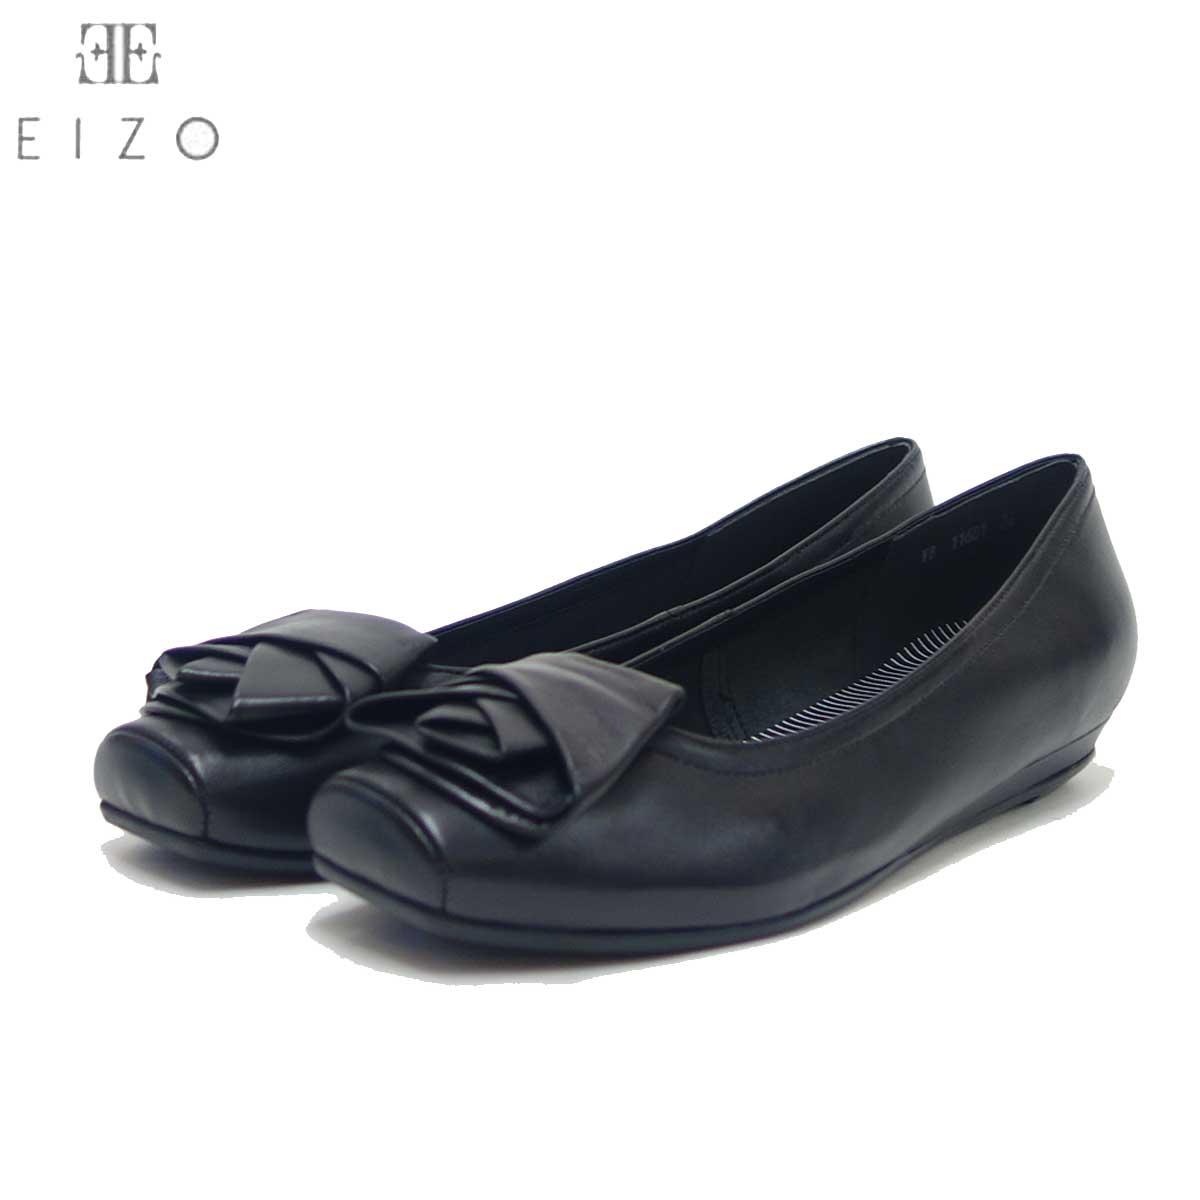 Vue ビュー EIZO Collection EIZO 11601 11601 Vue ブラック 快適フィットのバレエシューズ 「靴」, 和柄とアメカジバイカーのJ.Field:8e57addd --- 2chmatome2.site